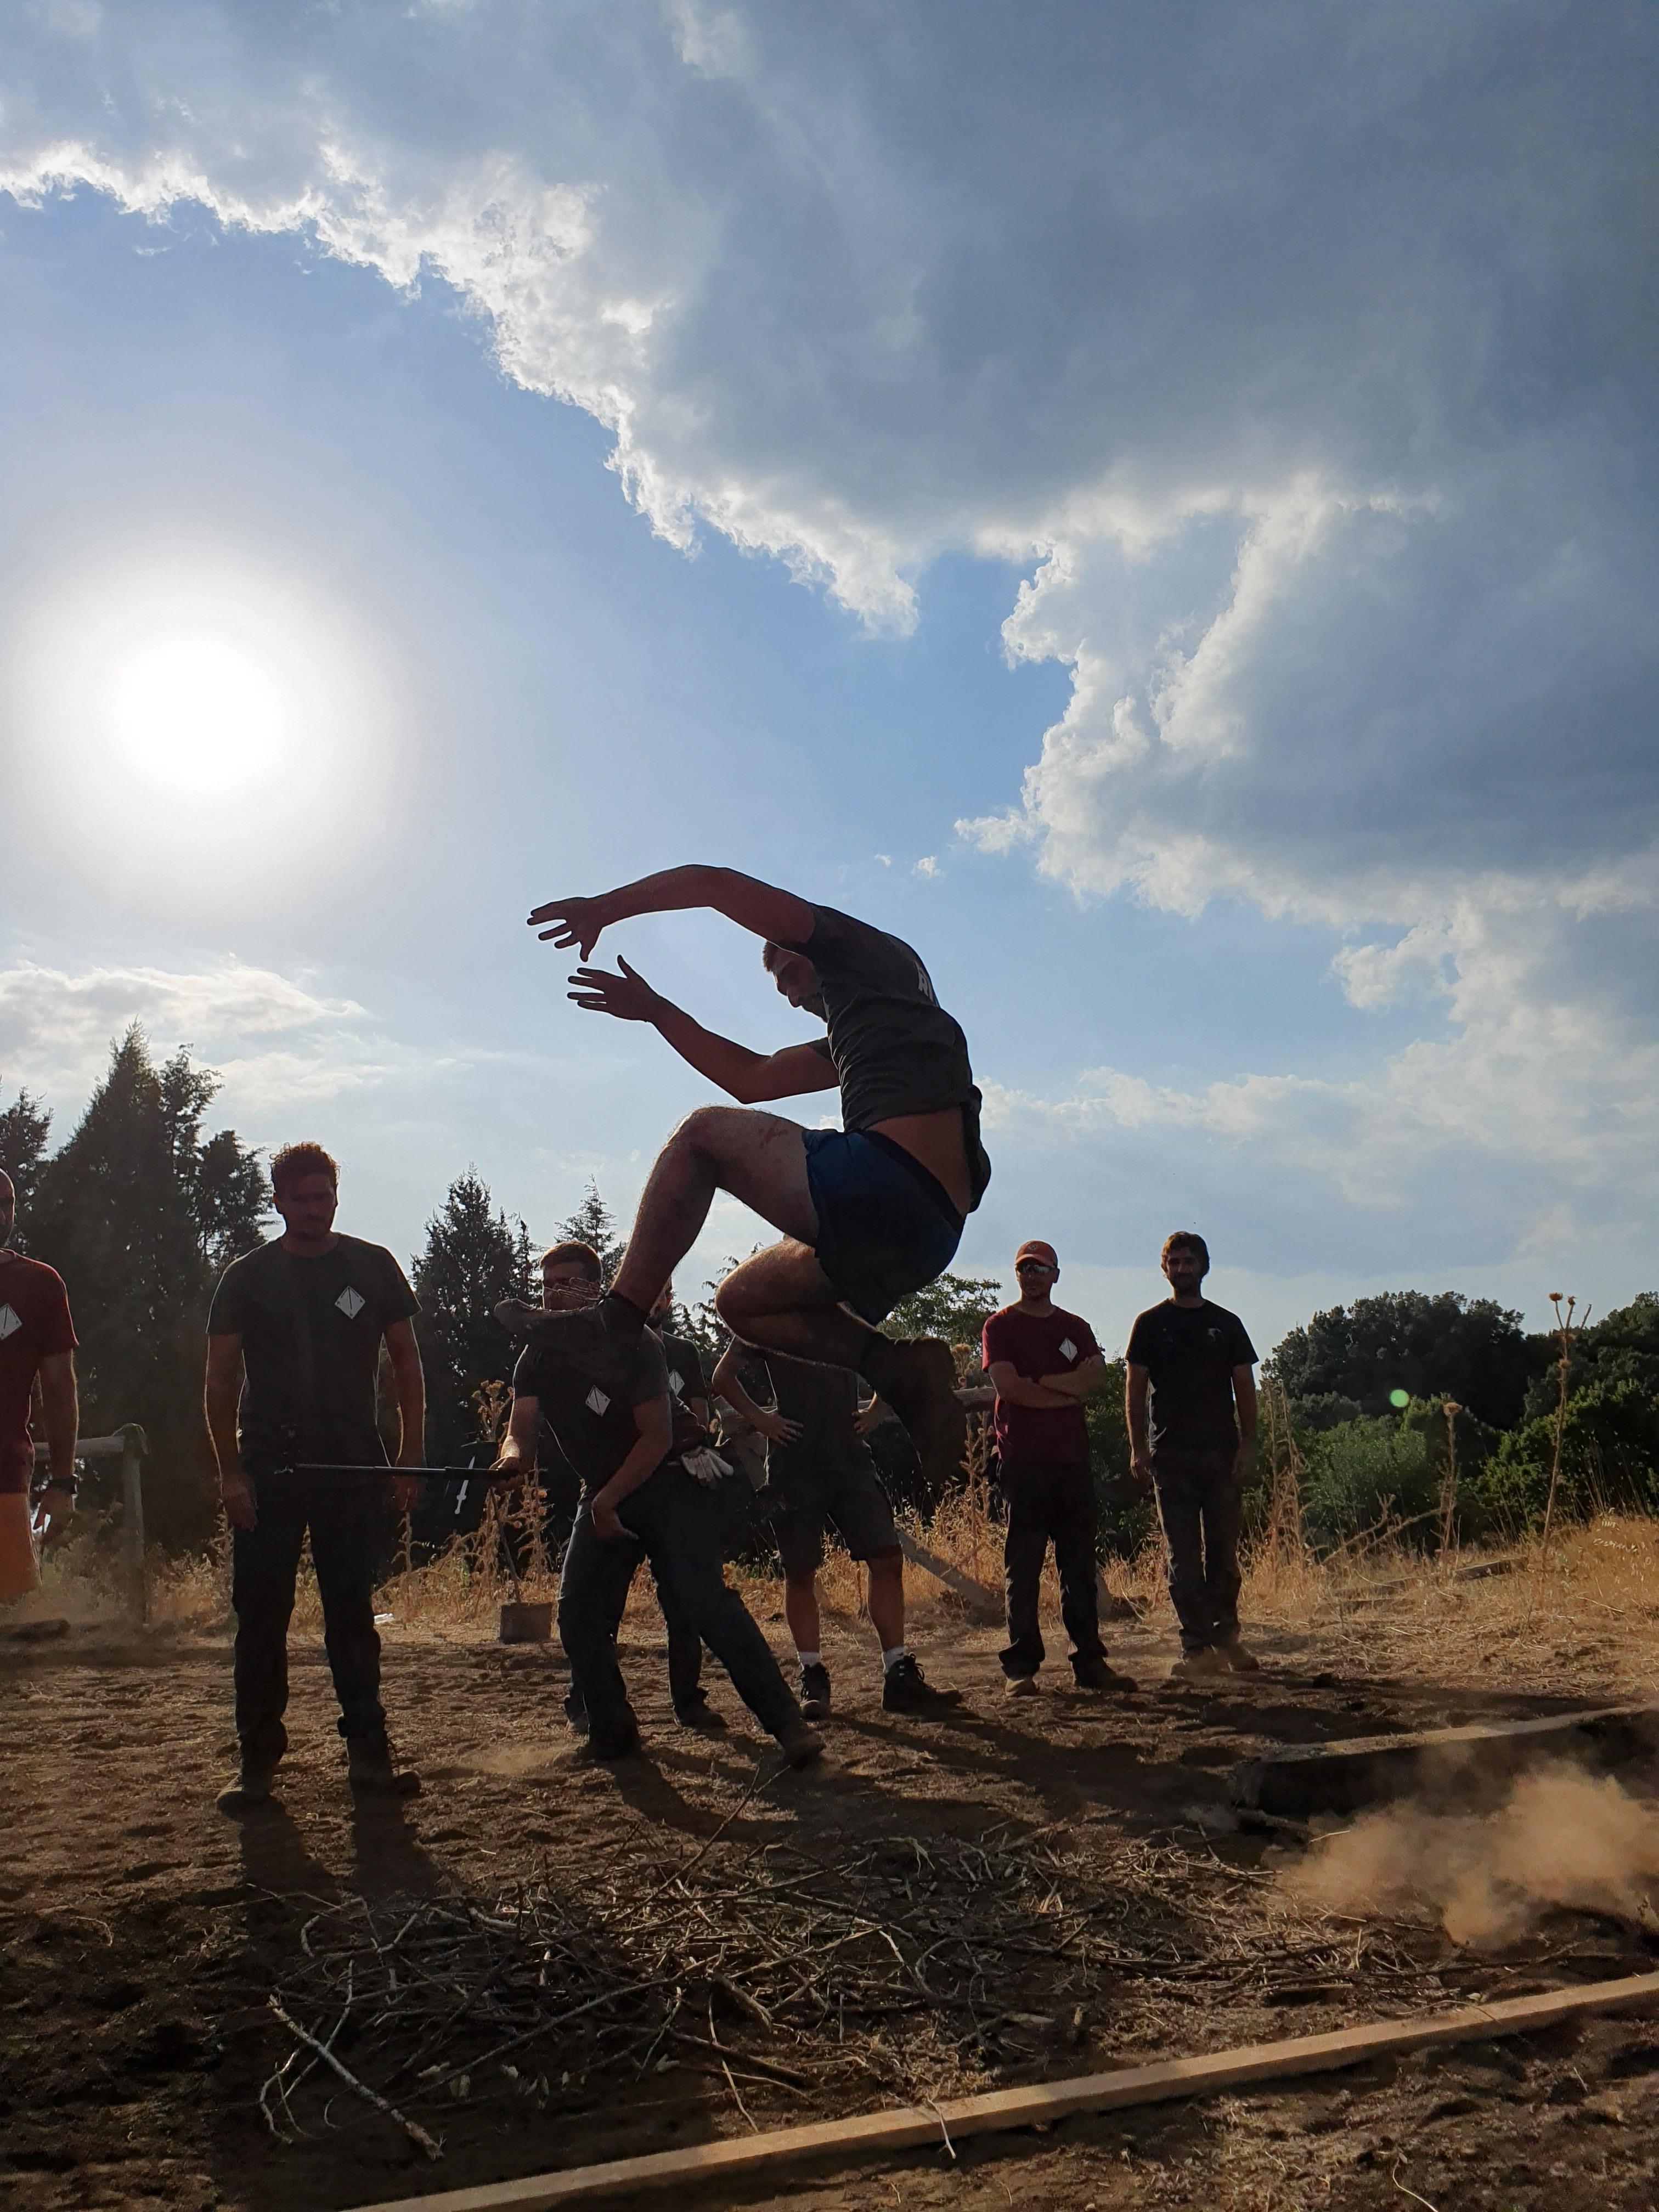 Campo-2019-24-Ludi